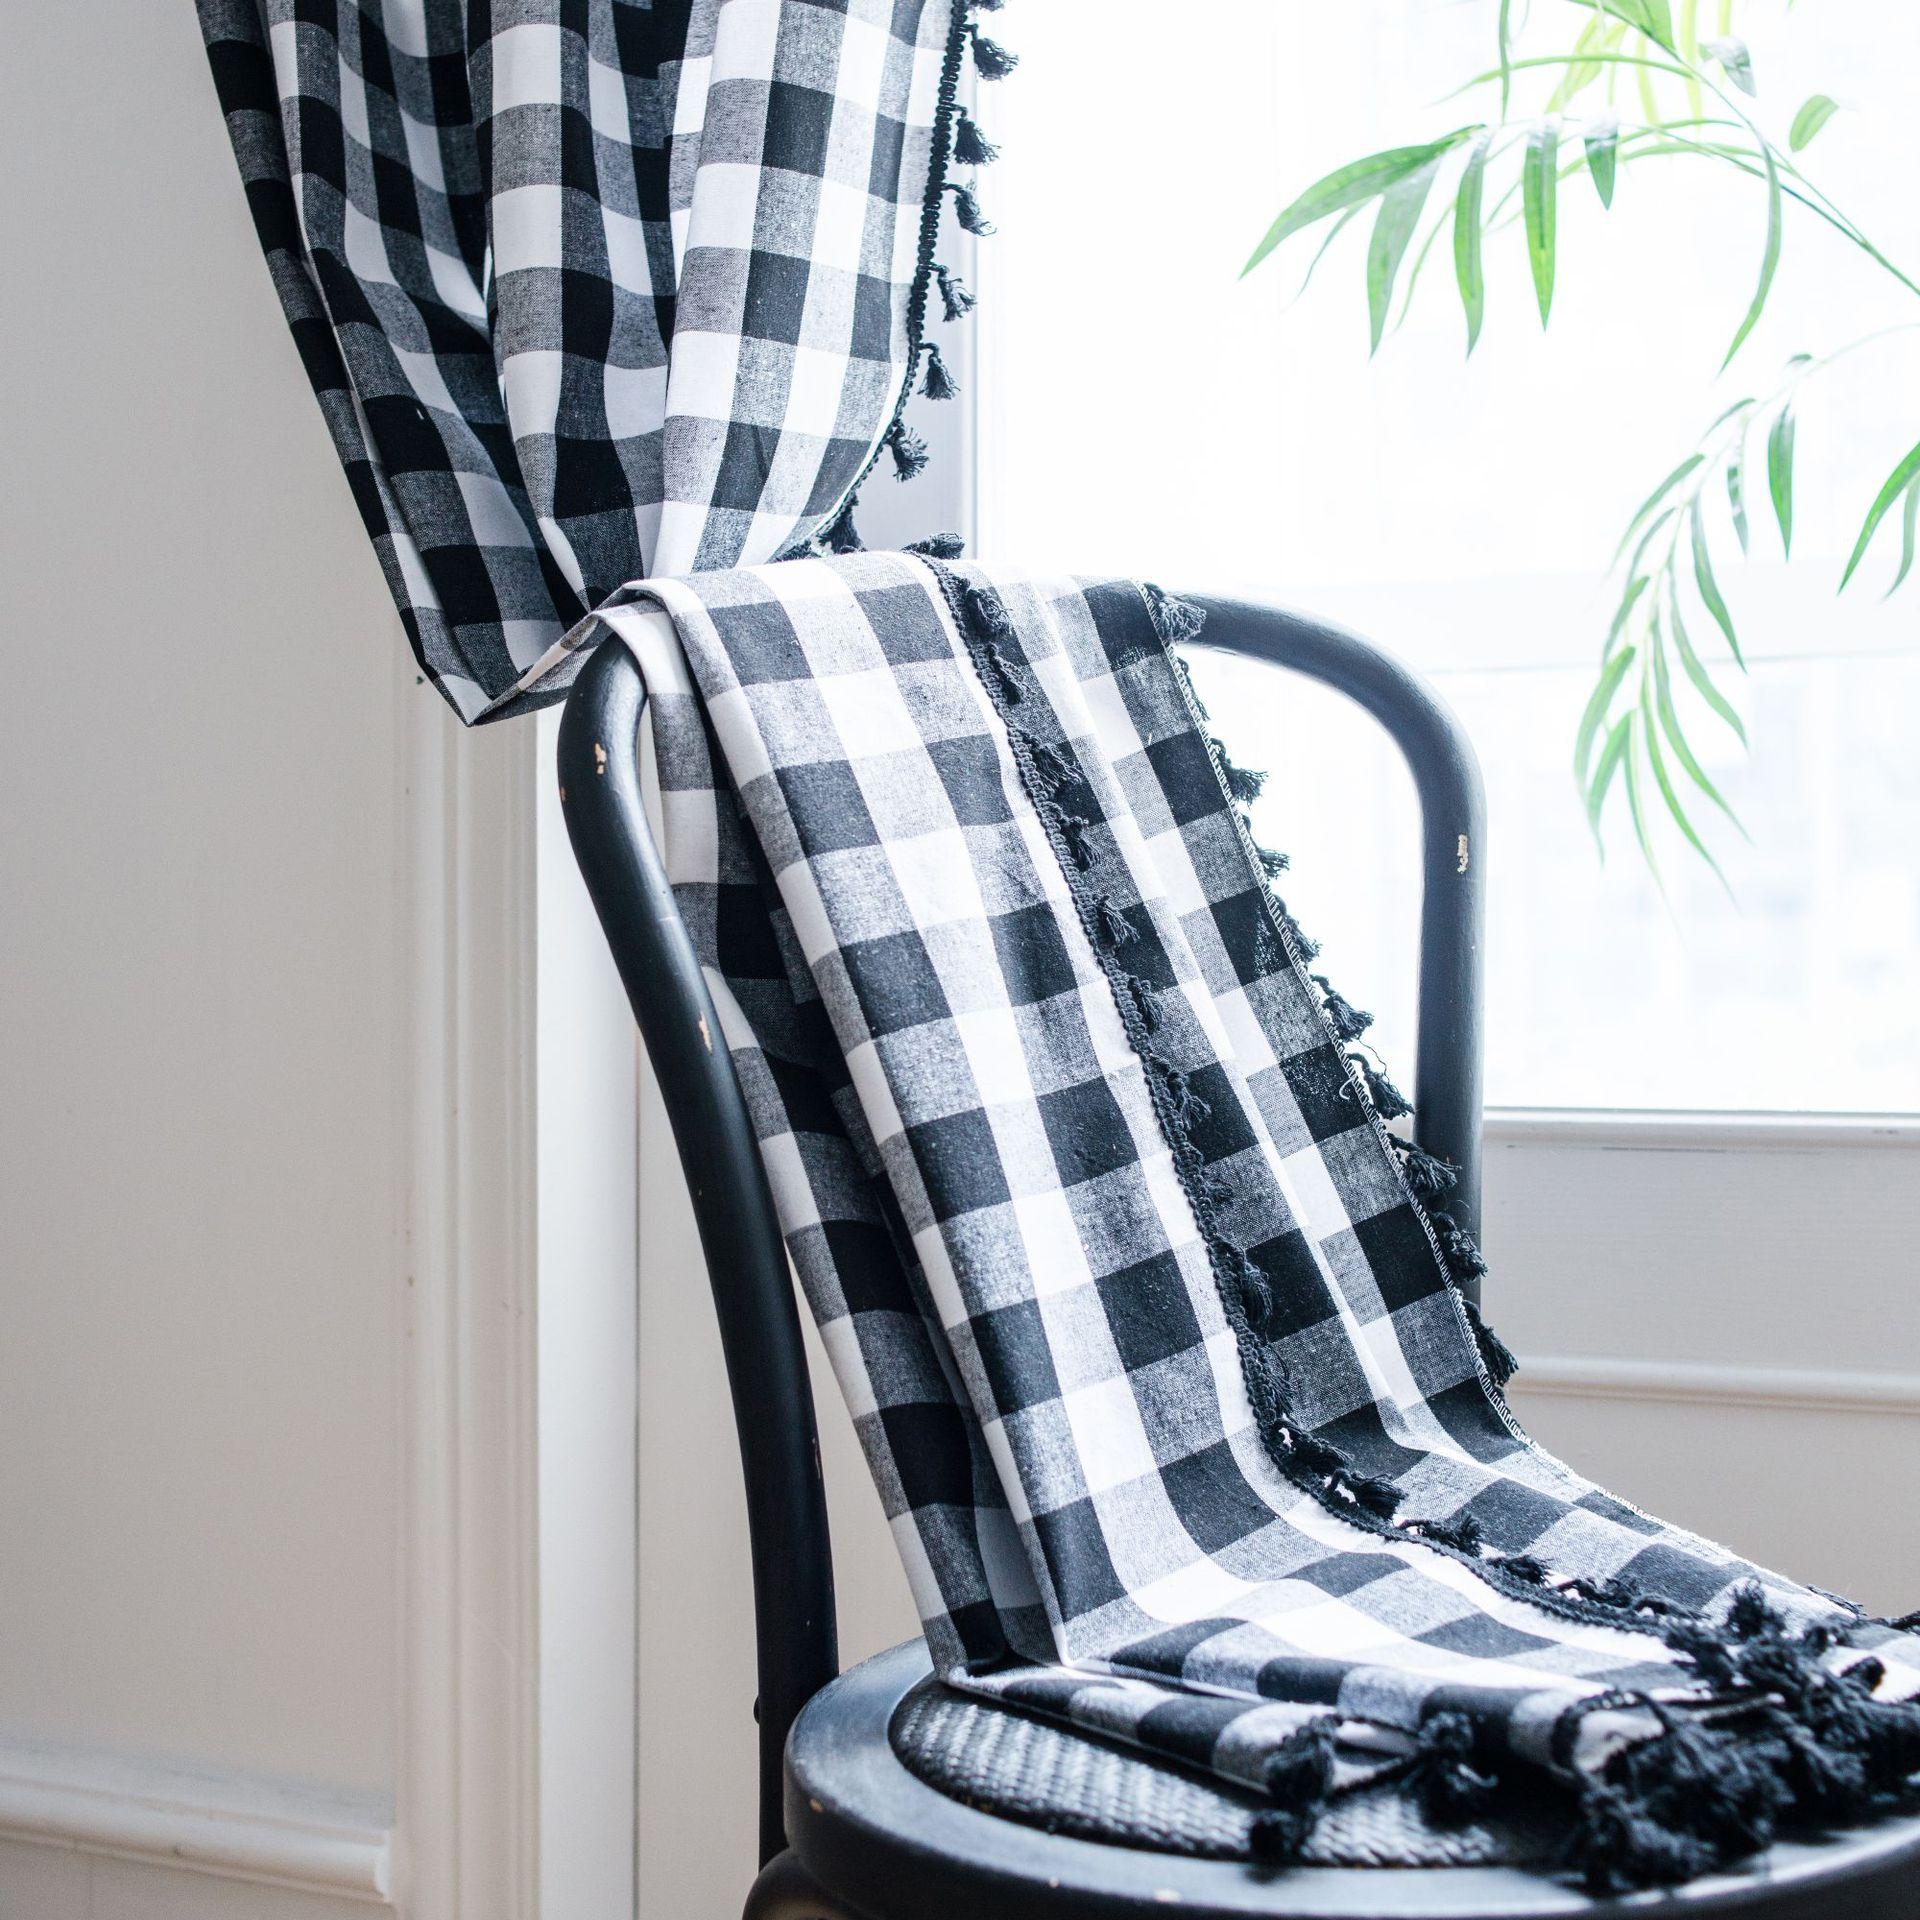 ستائر نافذة علاج أسود أبيض منقوشة شرابة القطن الكتان شبه التظليل مخطط الجاكار الستائر الشرفة المنسوجات المنزلية